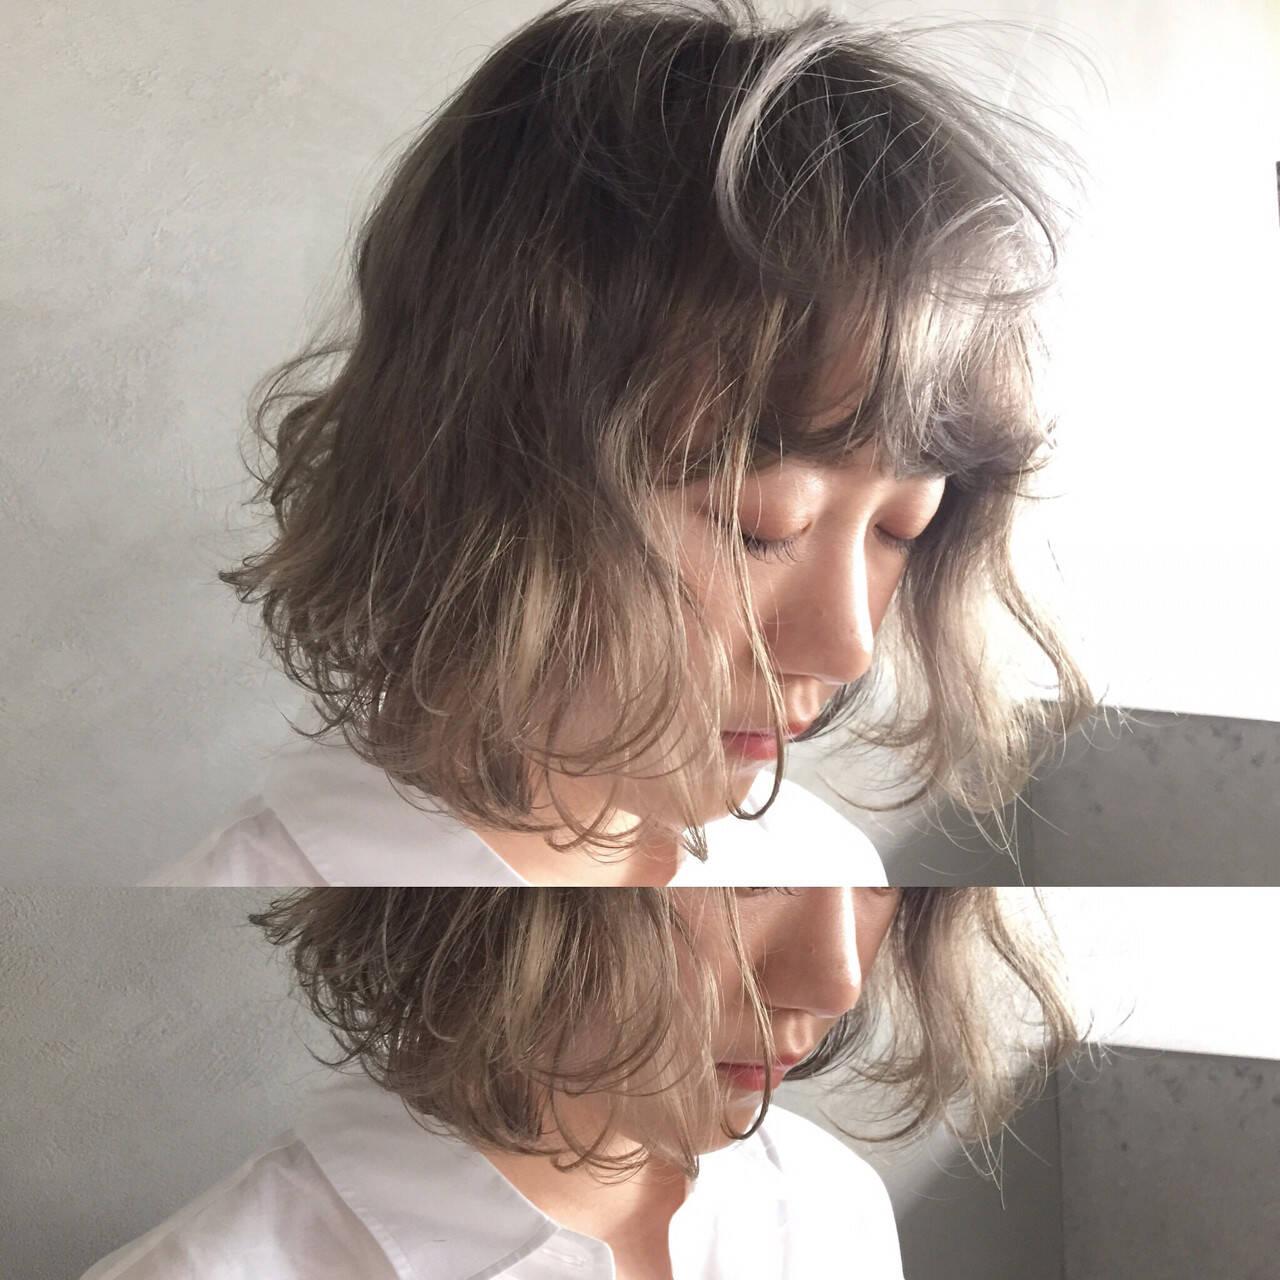 くせ毛風 ブリーチ ボブ ダブルカラーヘアスタイルや髪型の写真・画像